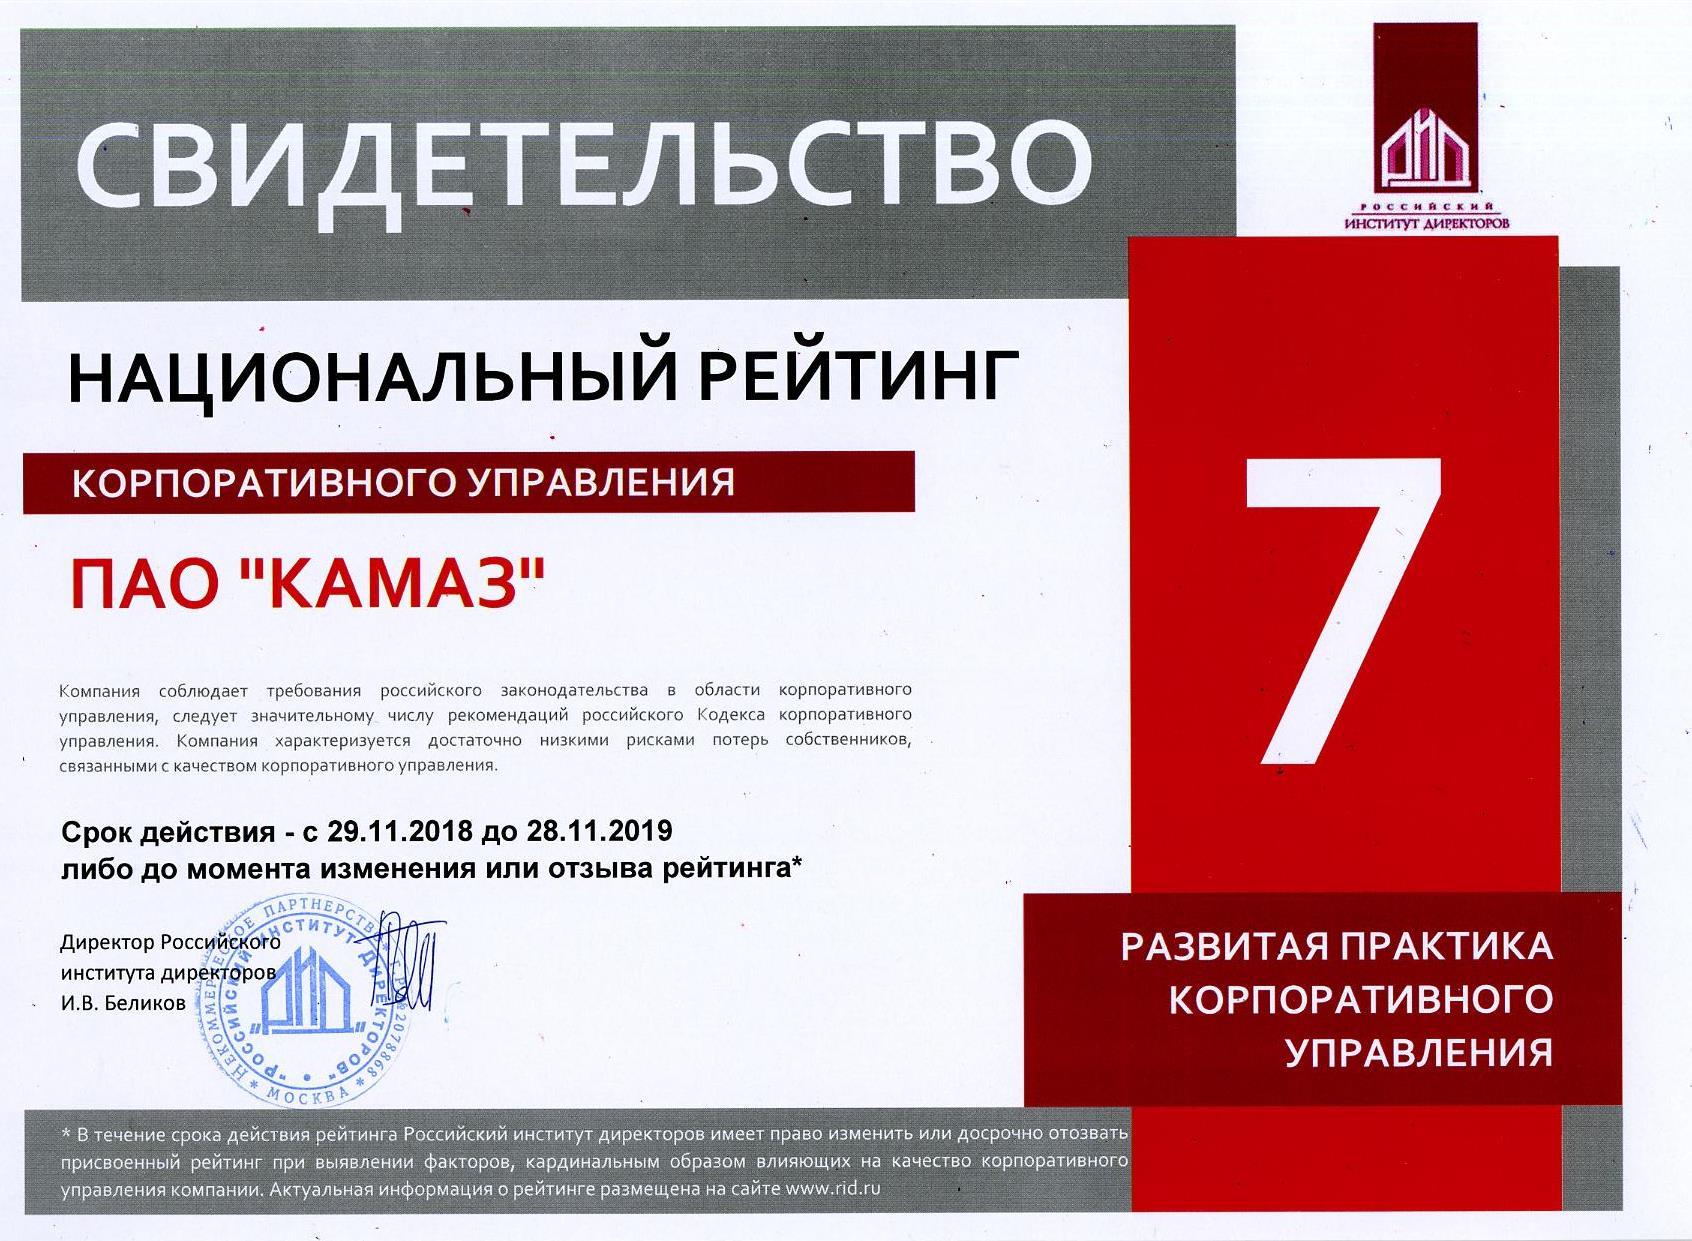 «КАМАЗу» присвоен рейтинг НРКУ 7